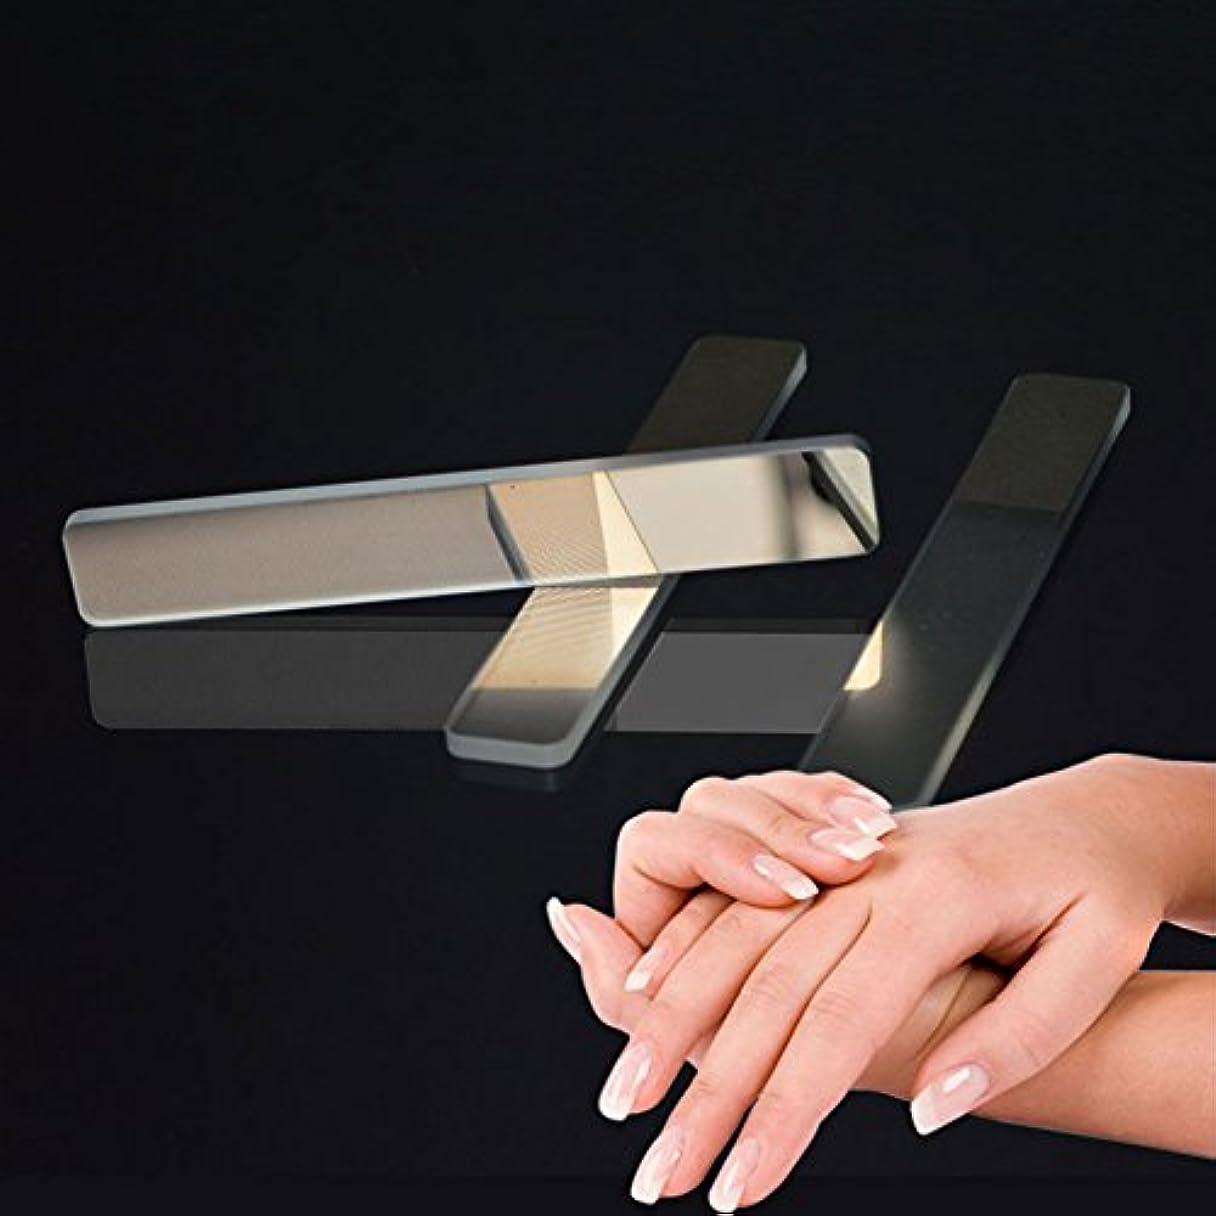 一見国内の苦しみ爪やすり WUUDI 爪磨き ガラス爪ヤスリ ネイルファイル ネイルシャイナー つめケア ガラス製 ネイルケア 甘皮処理 (白)